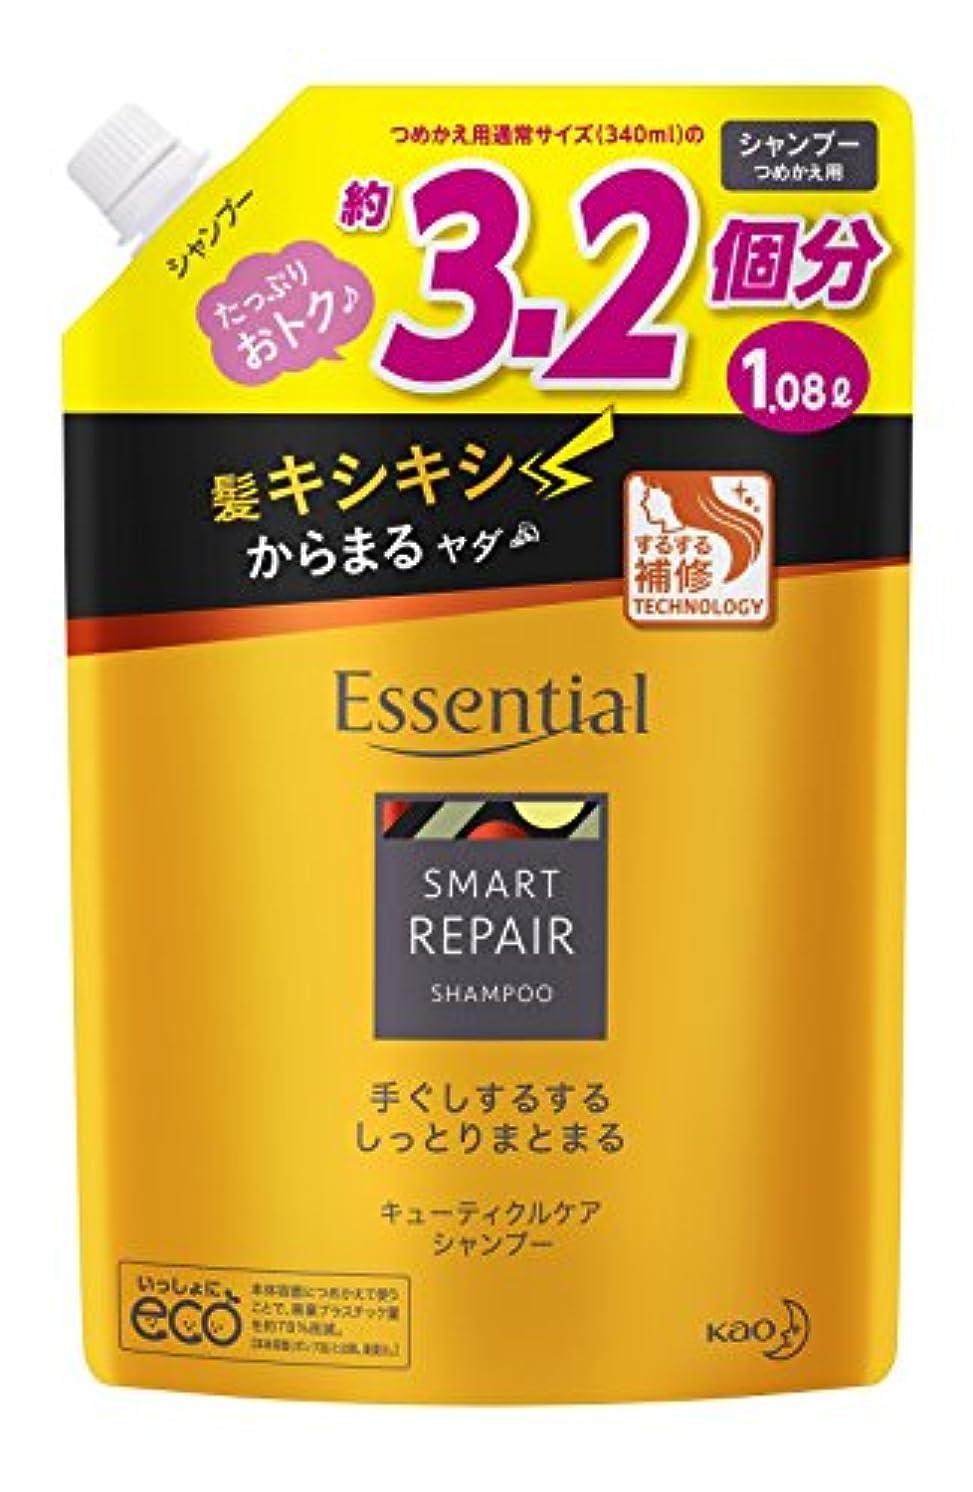 熱心なバター検索【大容量】 エッセンシャル スマートリペア シャンプー つめかえ用 1080ml